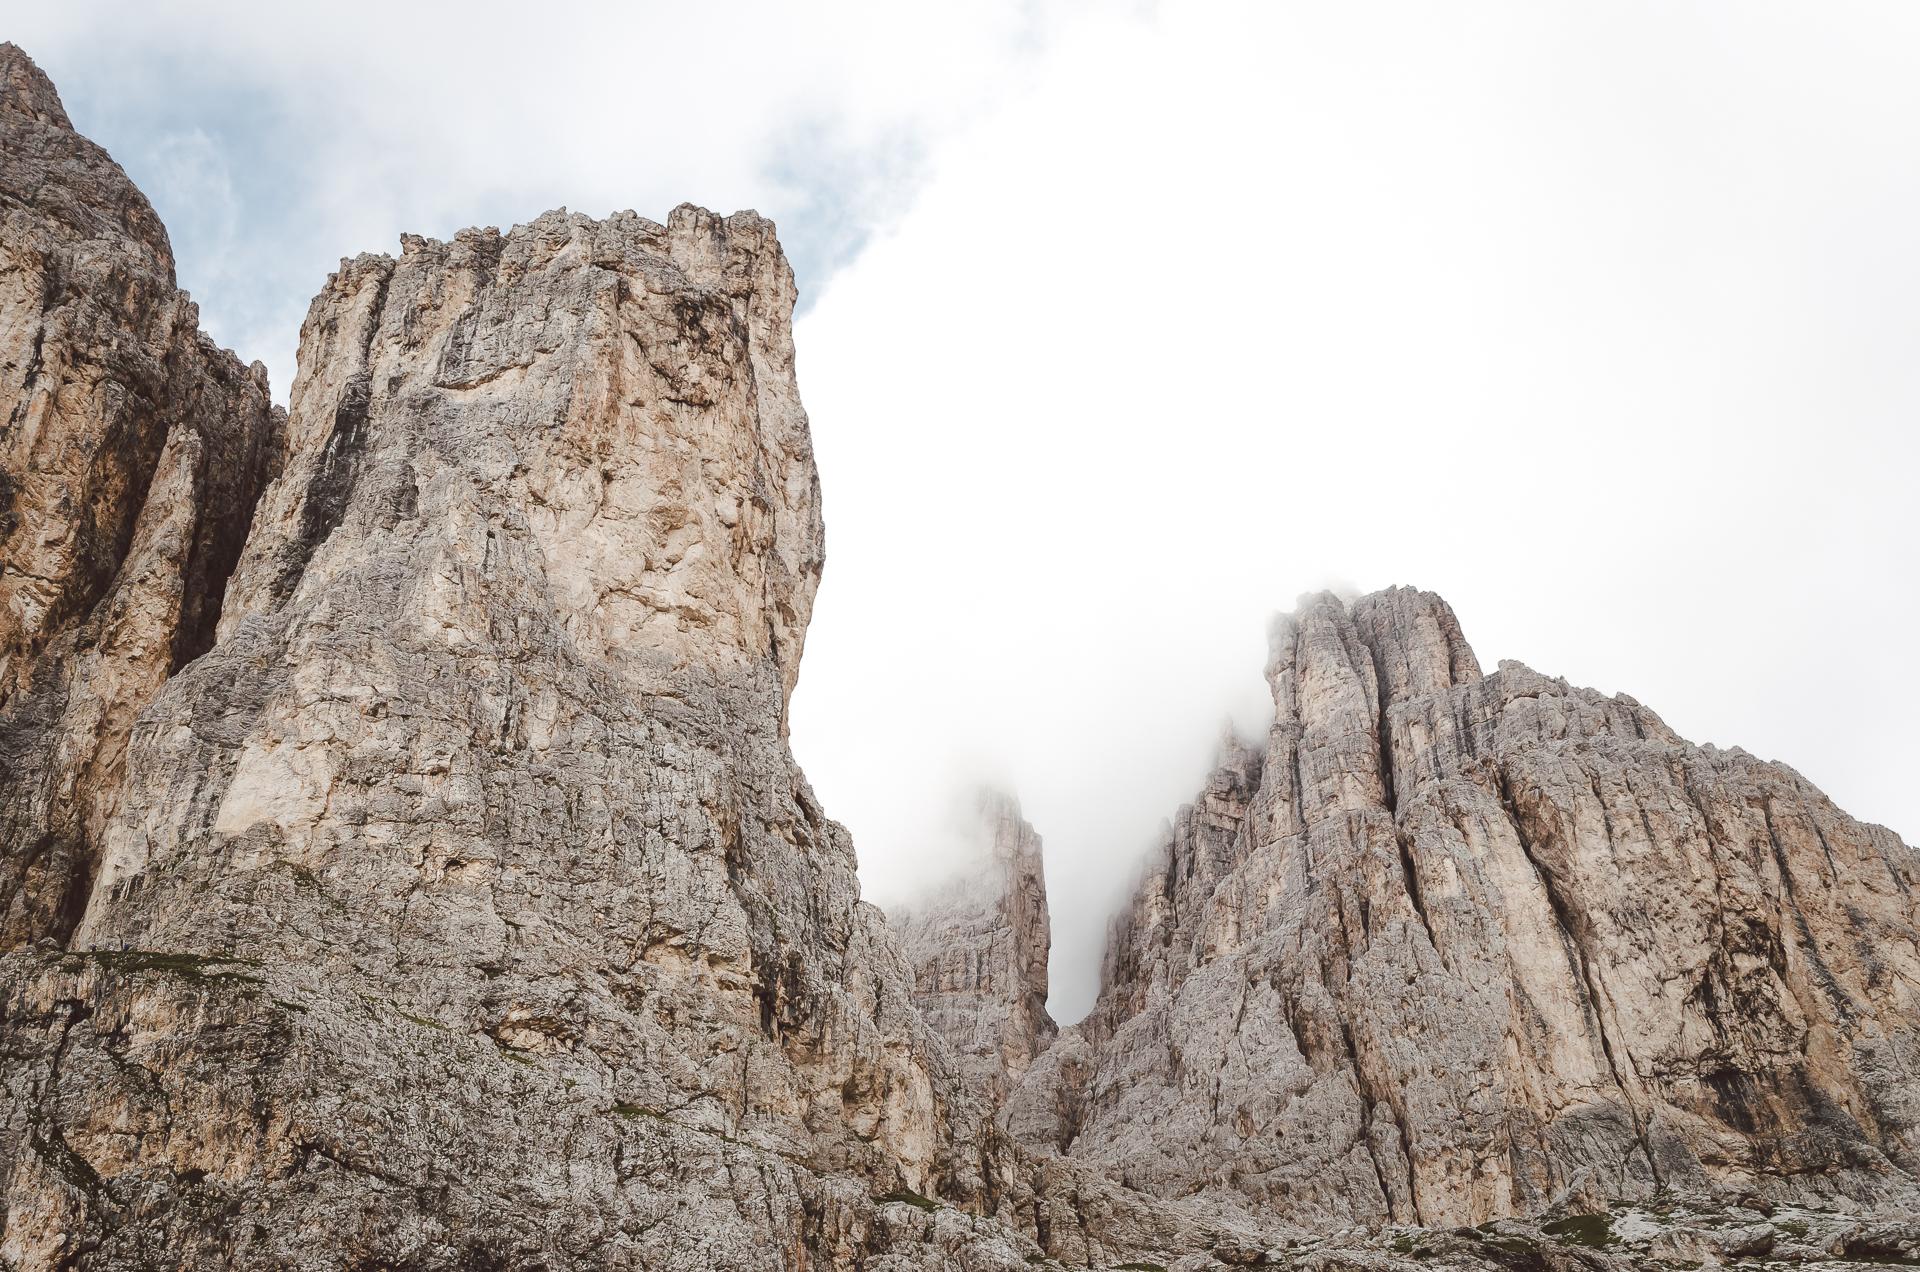 Vajolet, Catinaccio, Rosengarten, Val di Fassa, Canazei, Italy, Travel